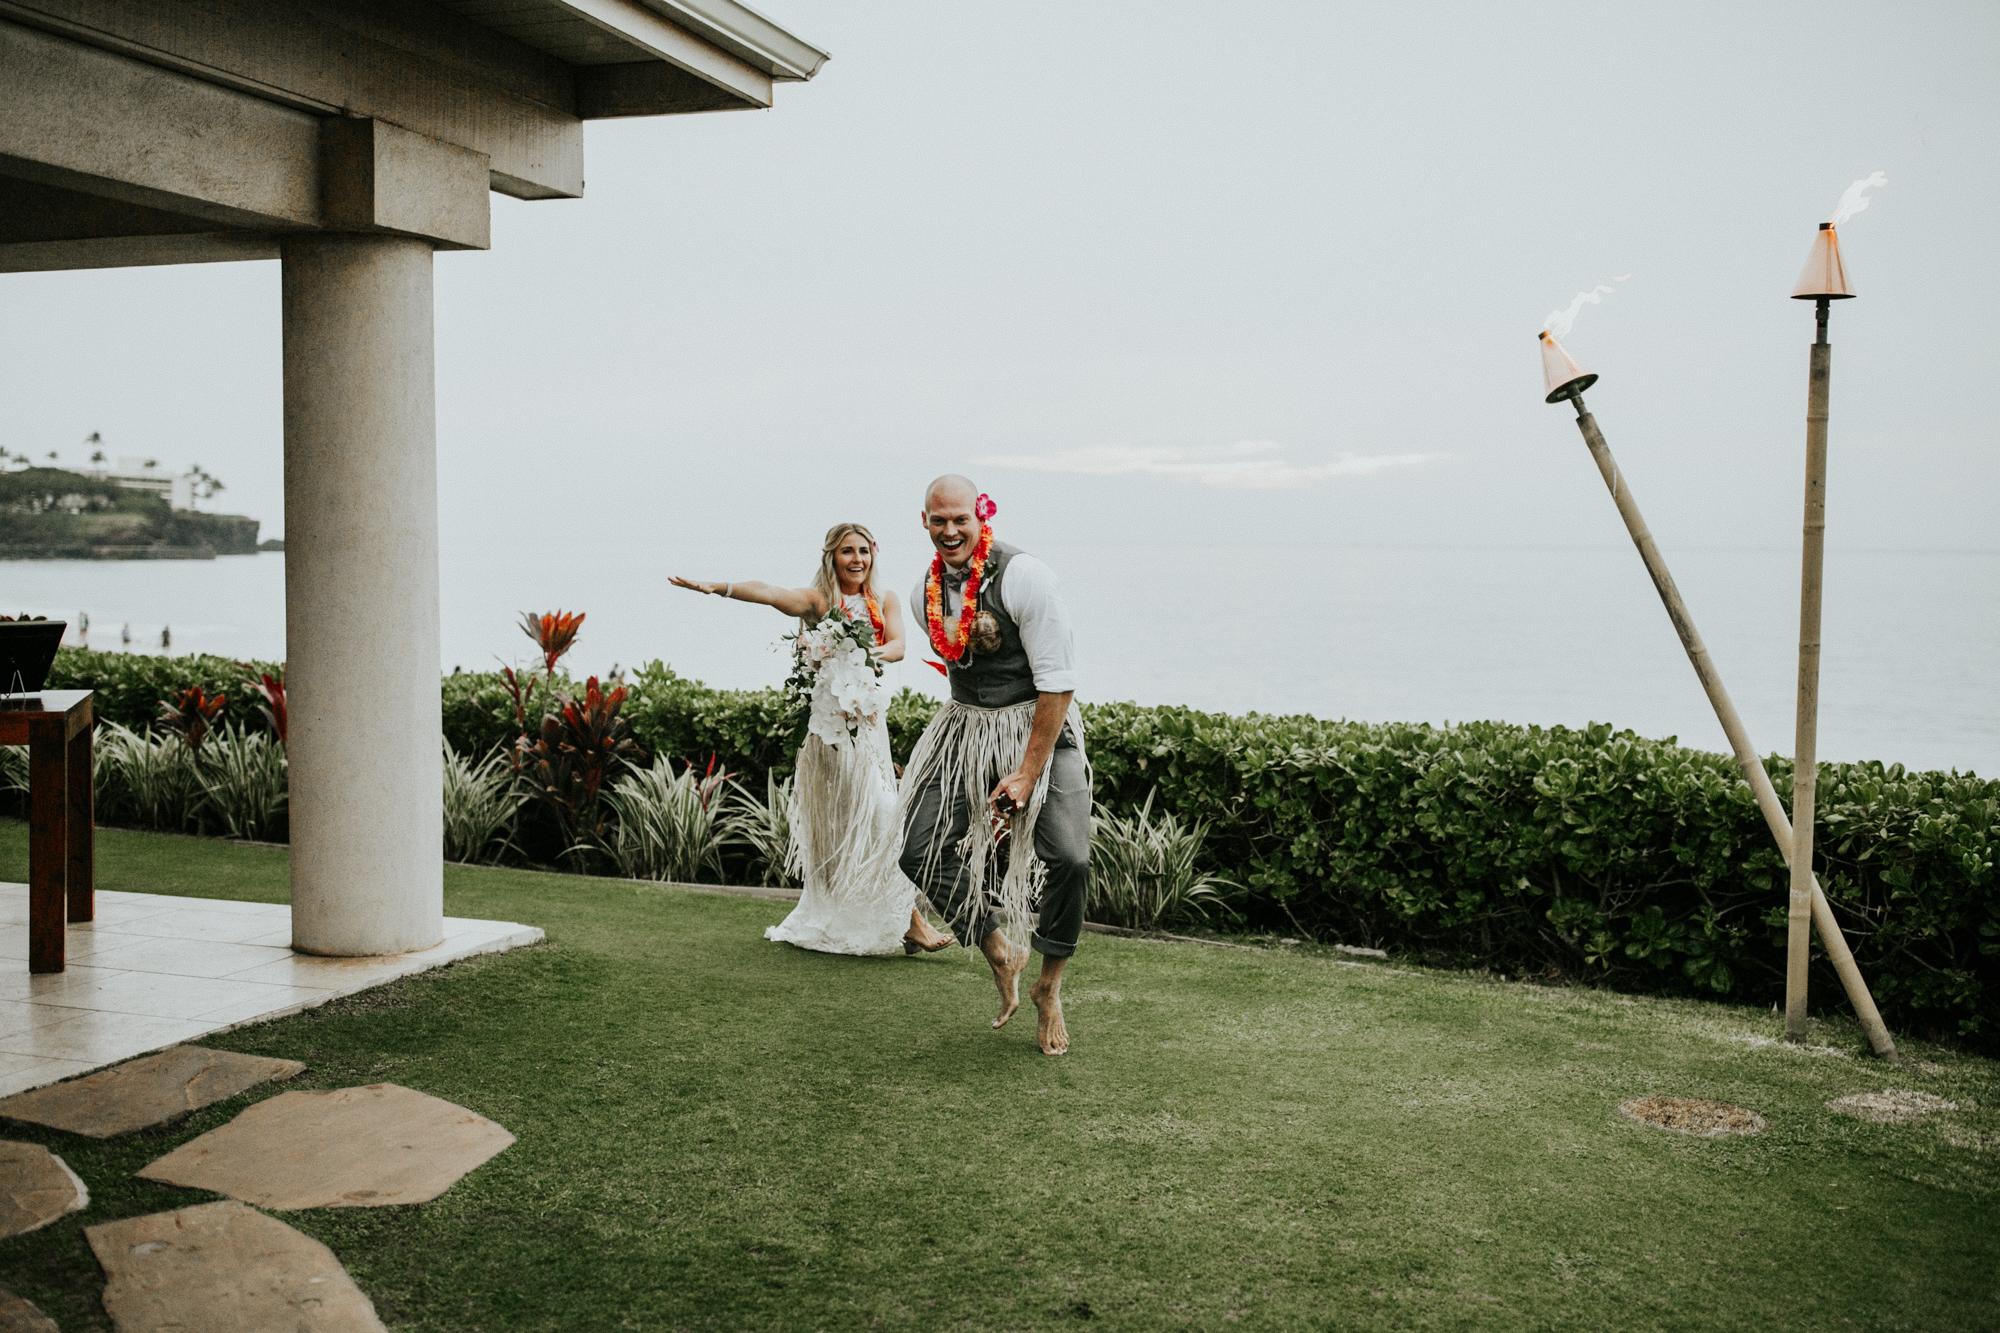 destination-wedding-photographer-hawaii-maui-elopement-95.jpg